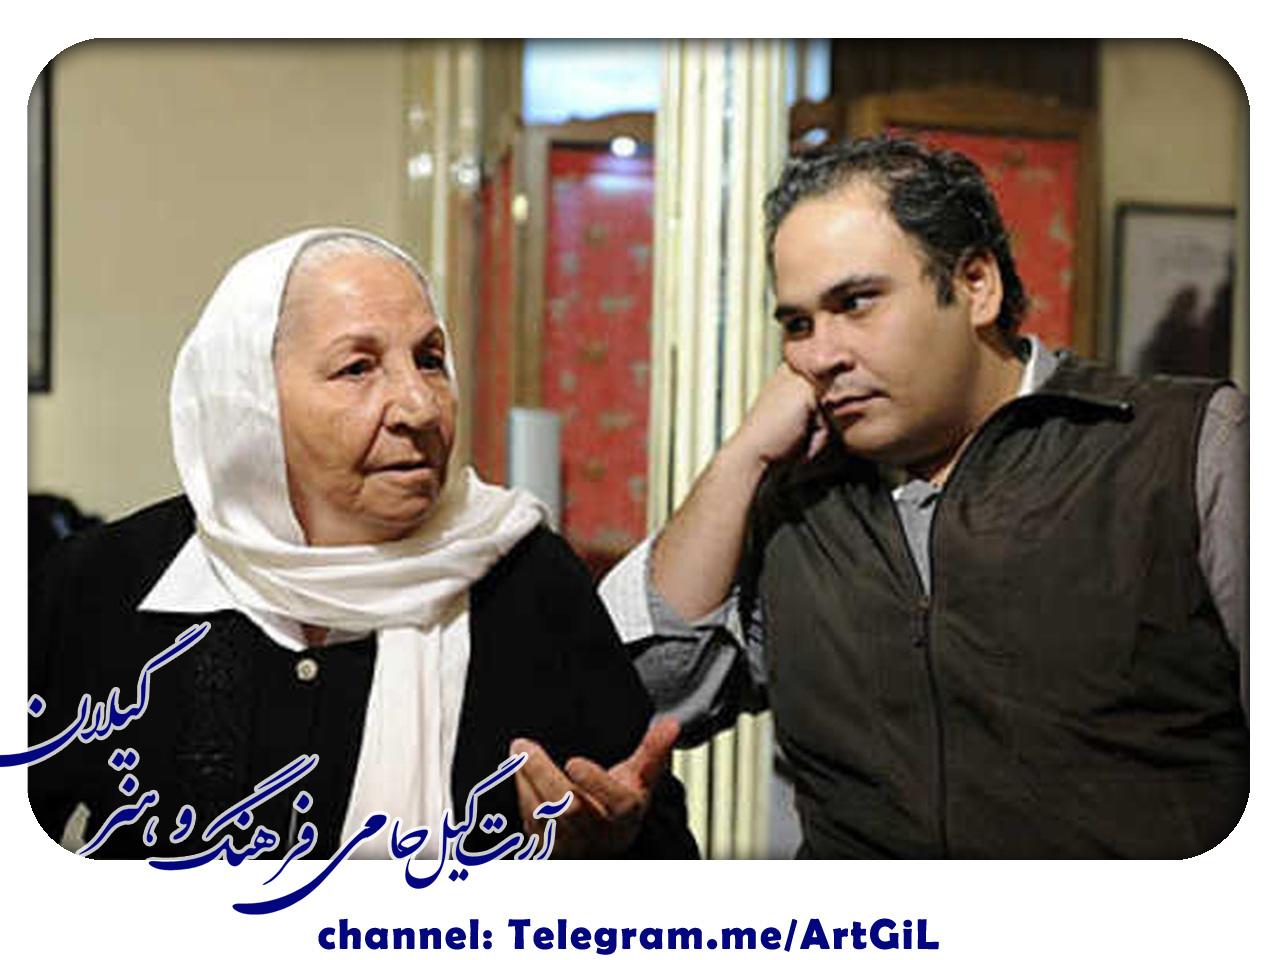 احترامالسادات حبیبیان، بازیگر سینما درگذشت